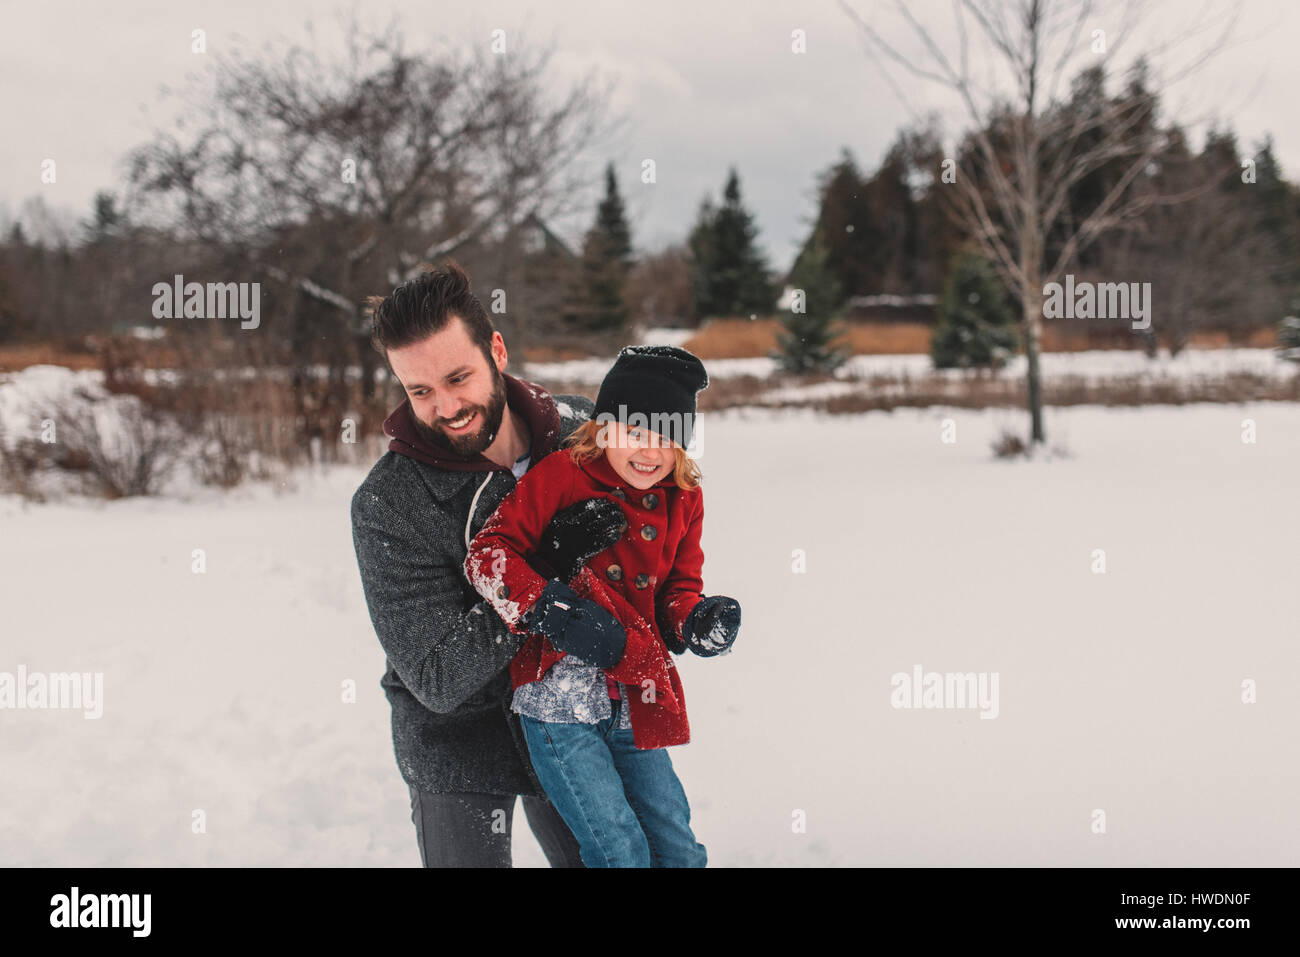 Vater und Tochter spielen im Schnee Stockbild